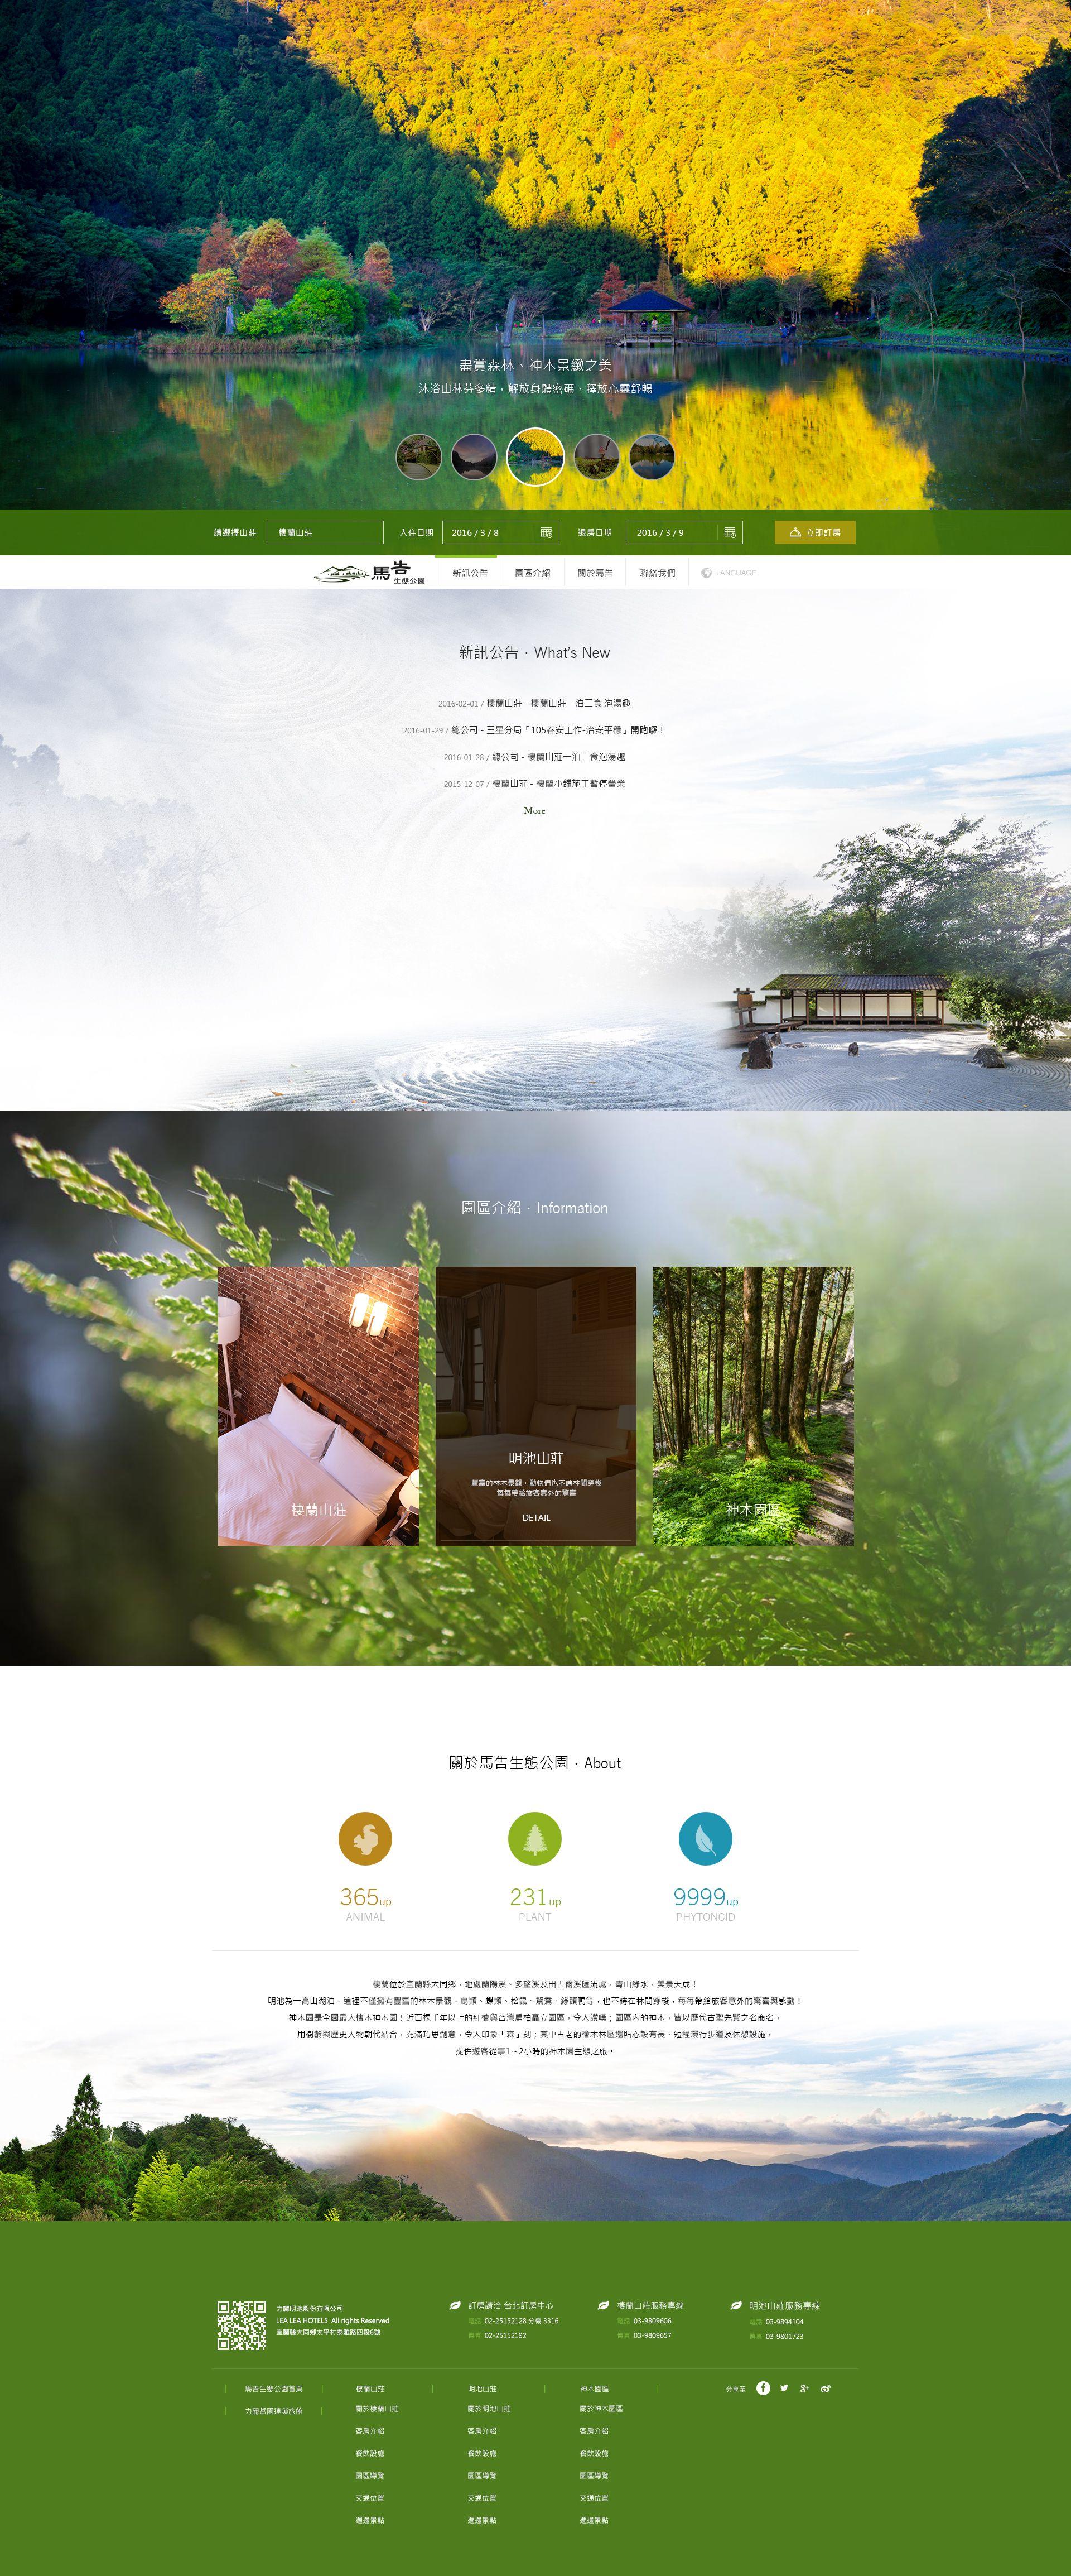 馬告生態公園-網頁設計